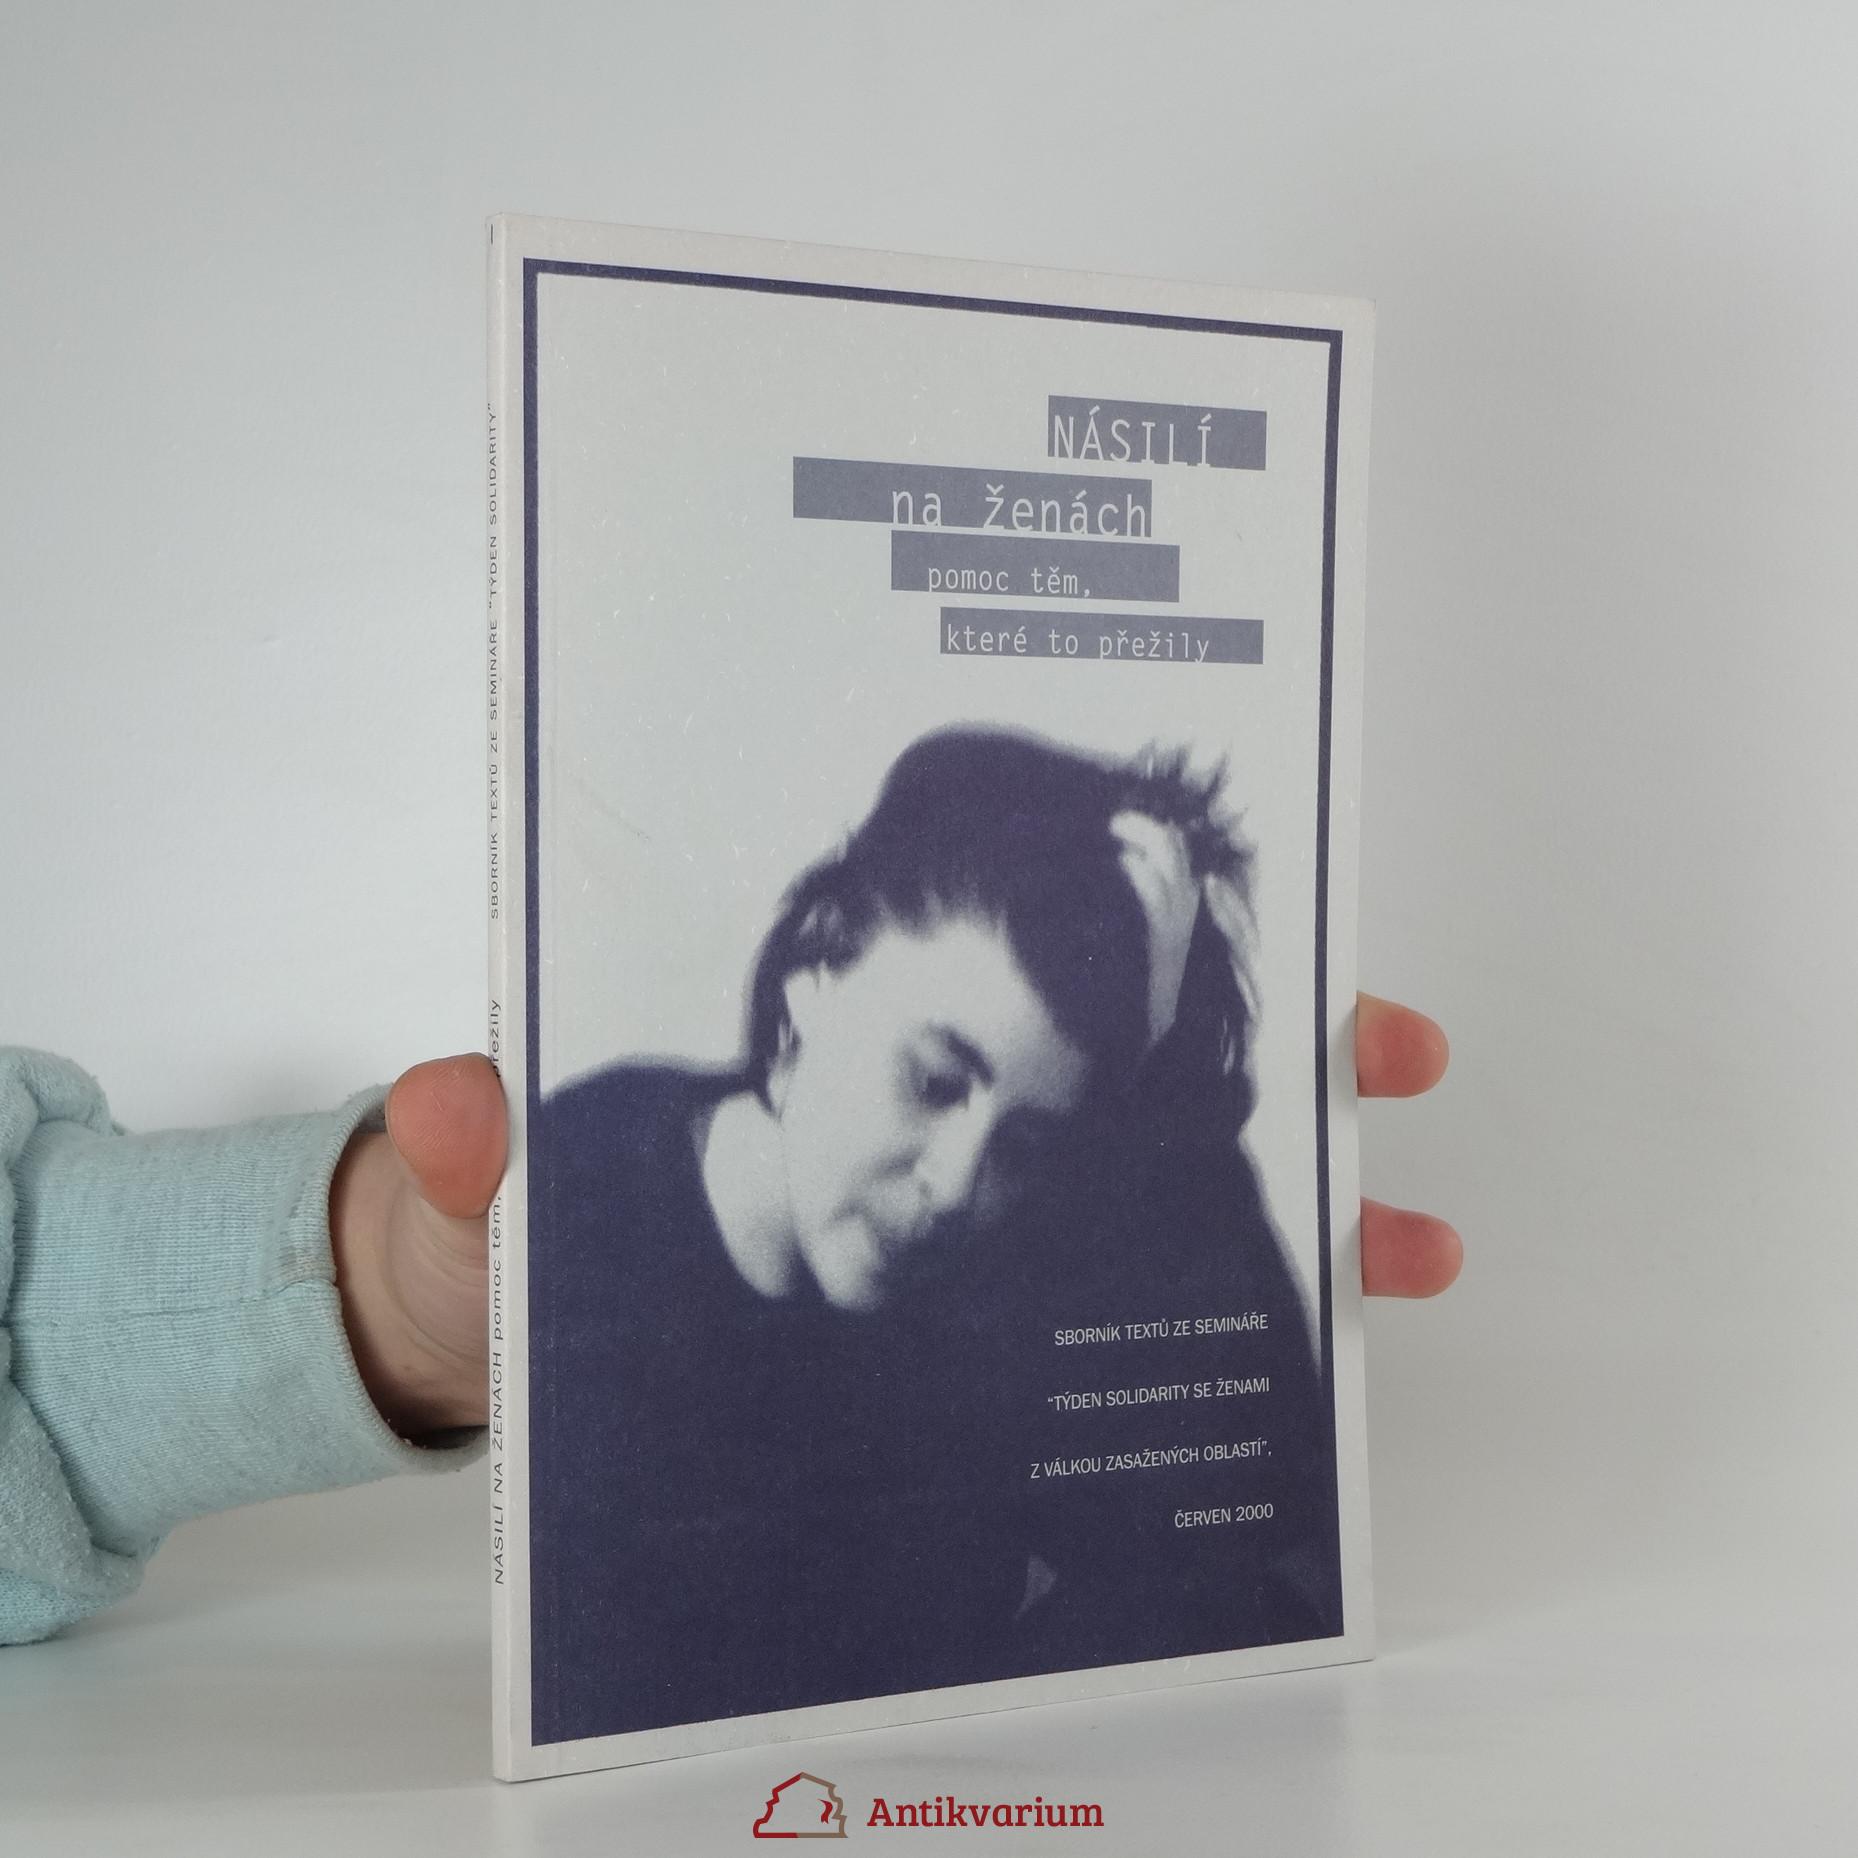 antikvární kniha Násilí na ženách pomoc těm, které to přežily, sborník textů ze semináře